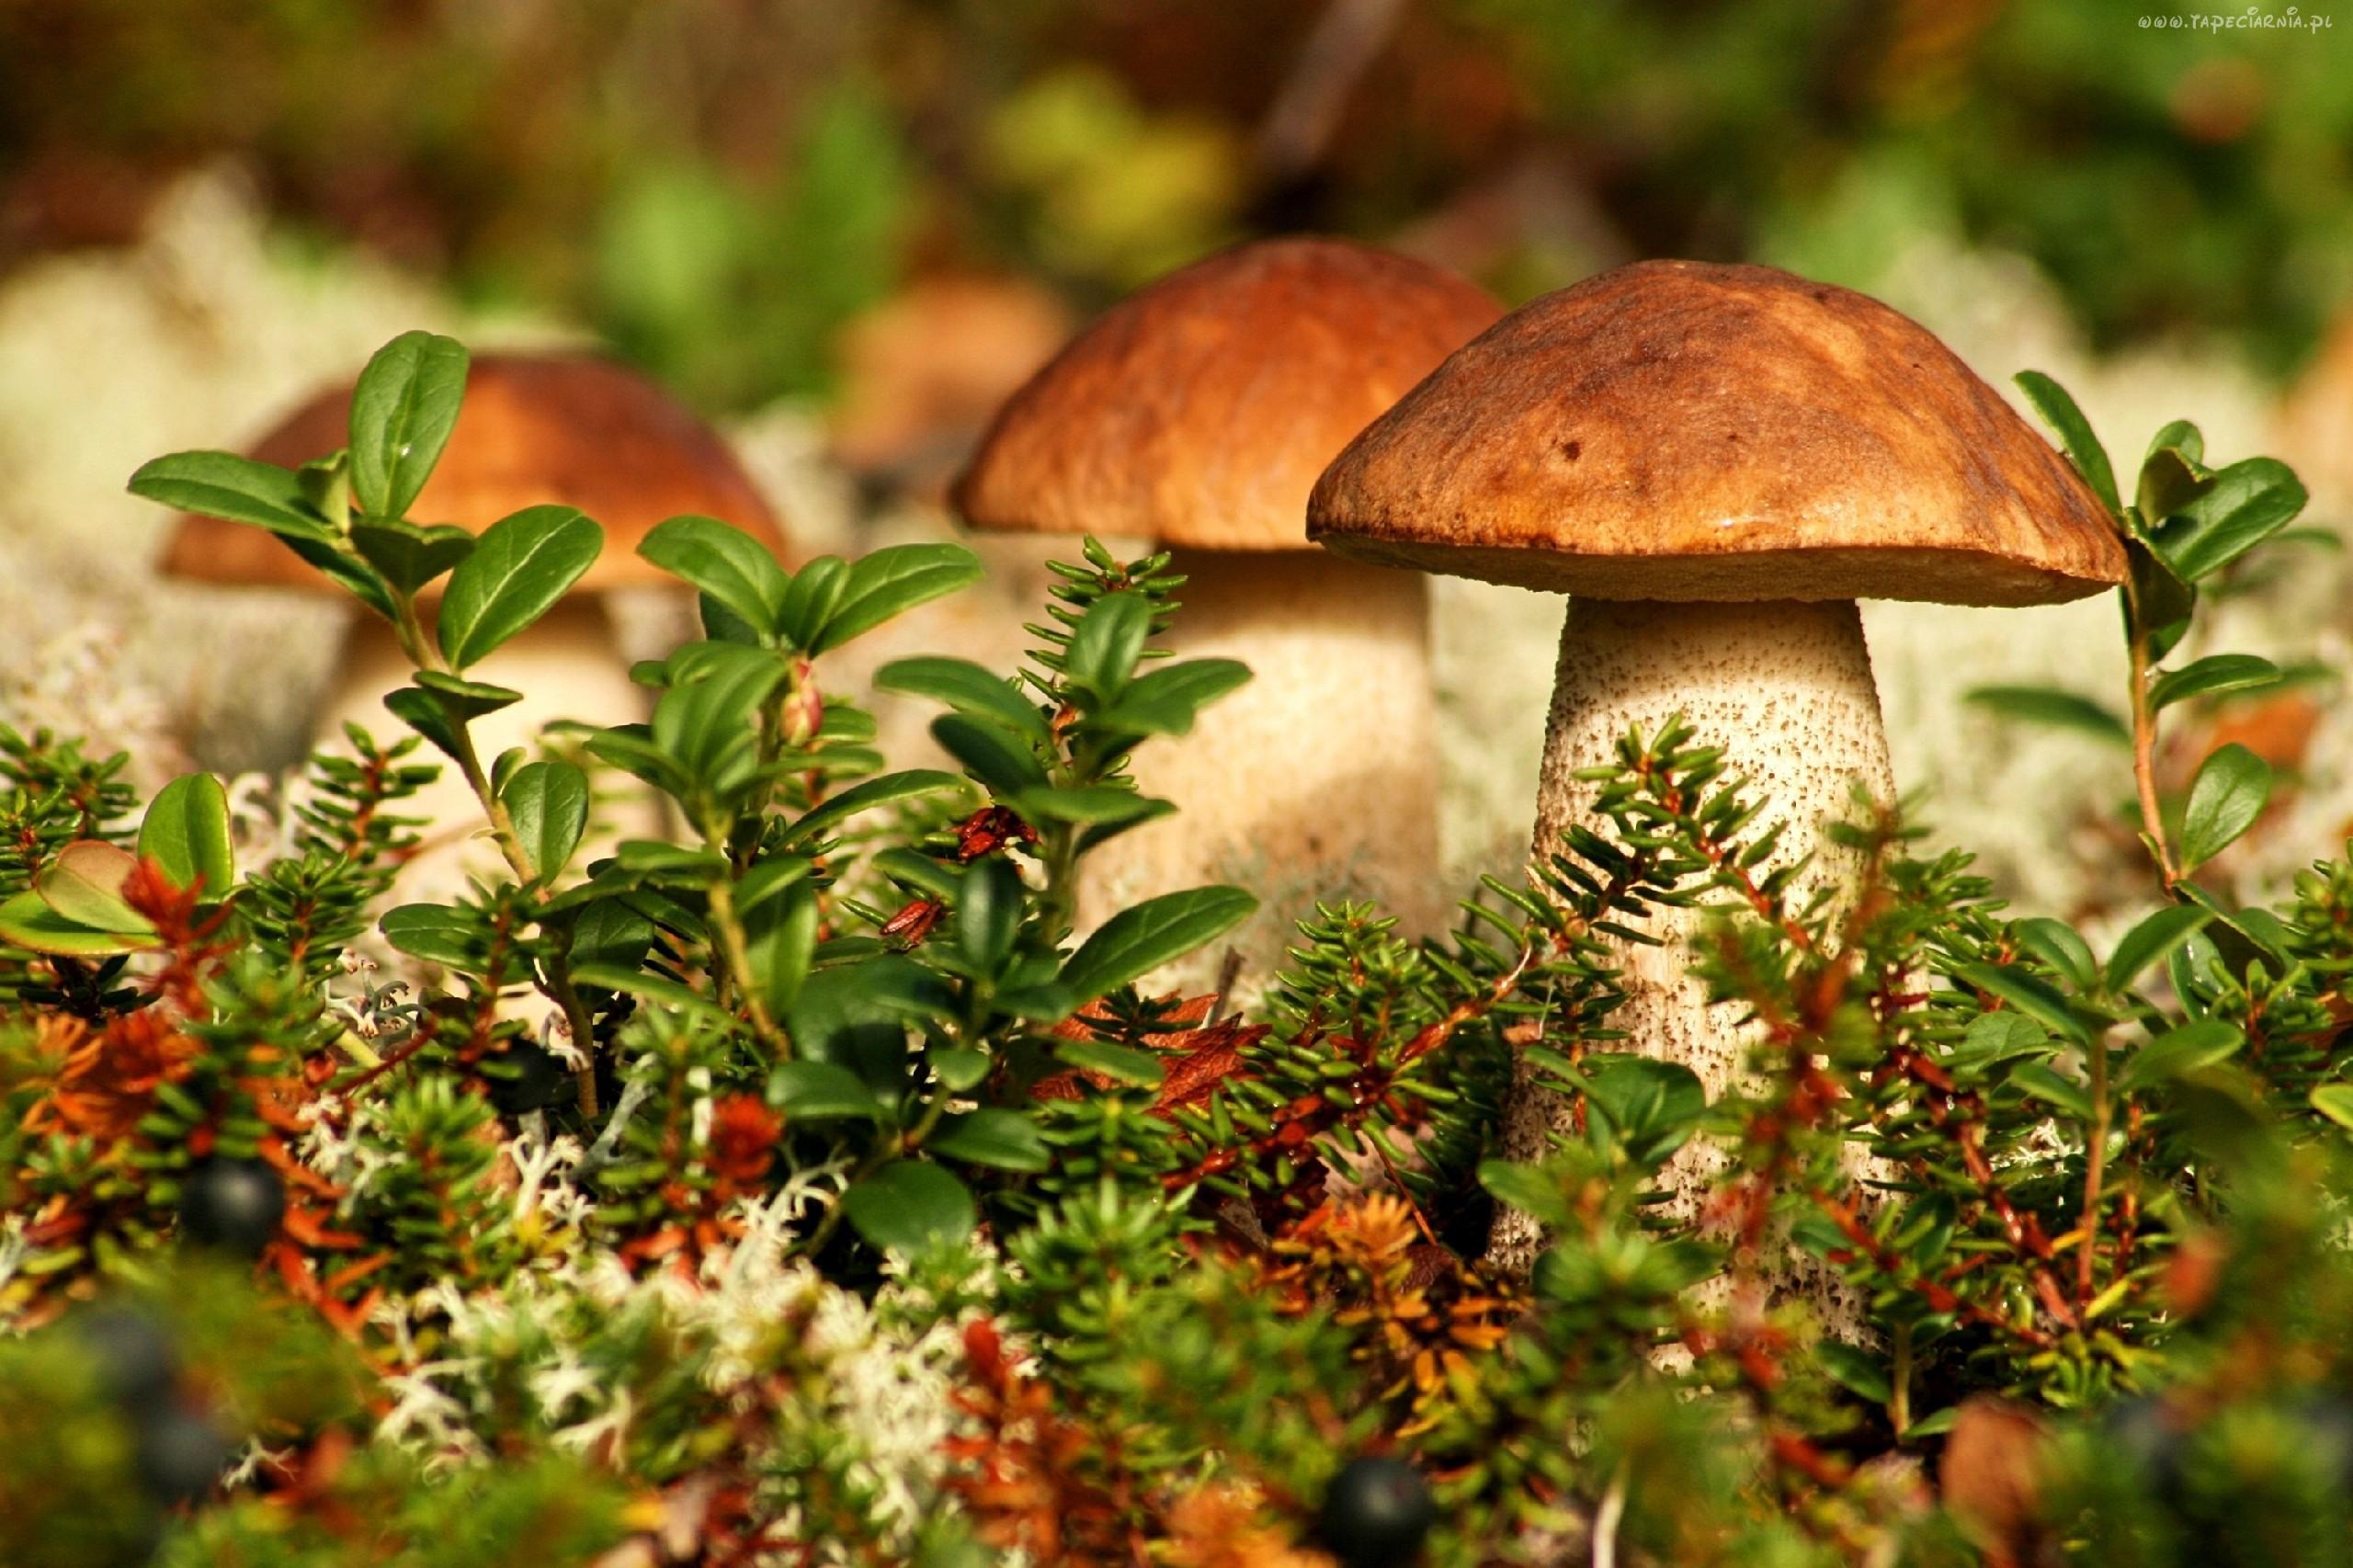 W hiszpańskich lasach panuje grzybowa mafia